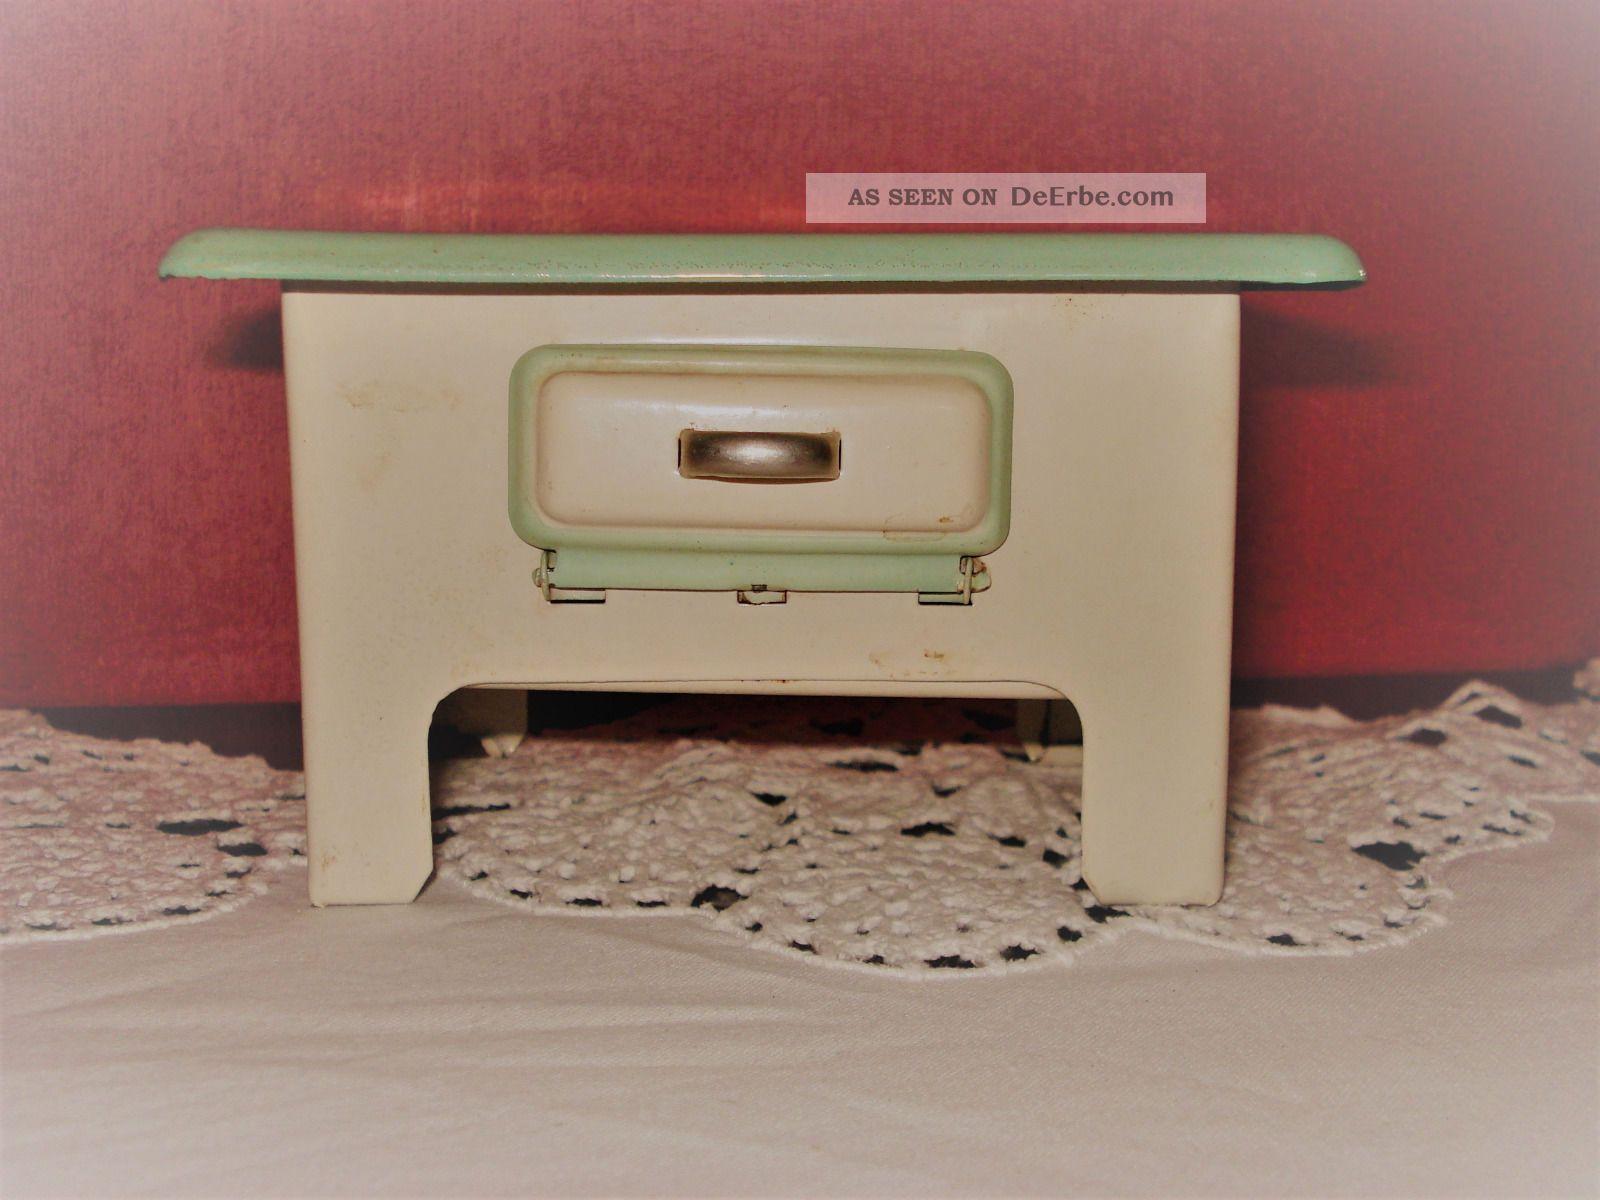 Herd Mit Backofen Für Puppenstube Puppenhaus Aus Den 50iger Jahren Puppenstuben & -häuser Bild